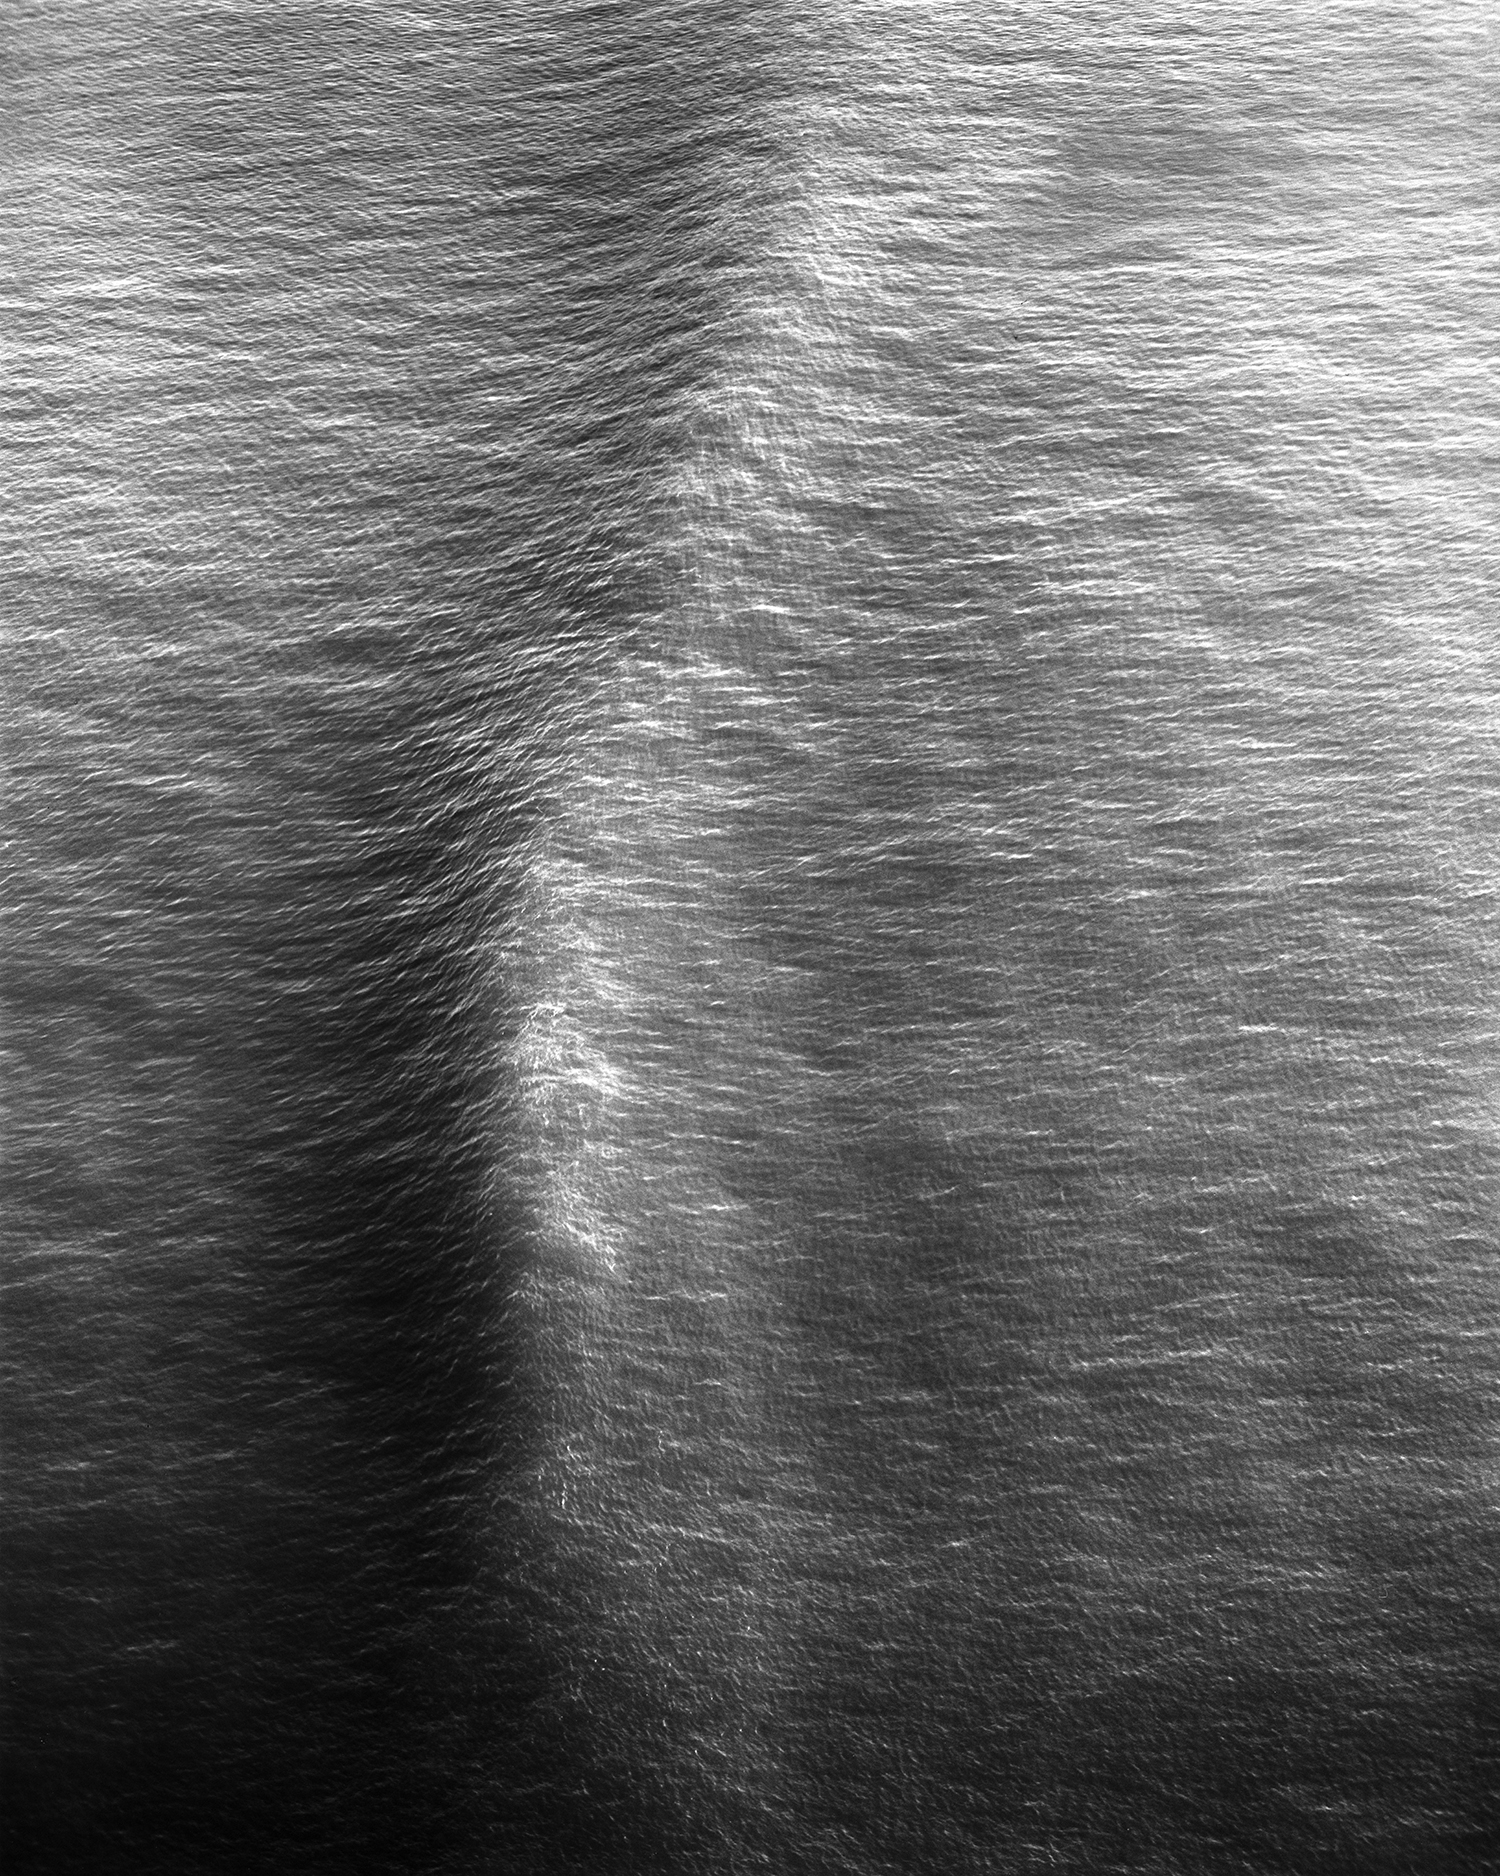 Sea19.jpg